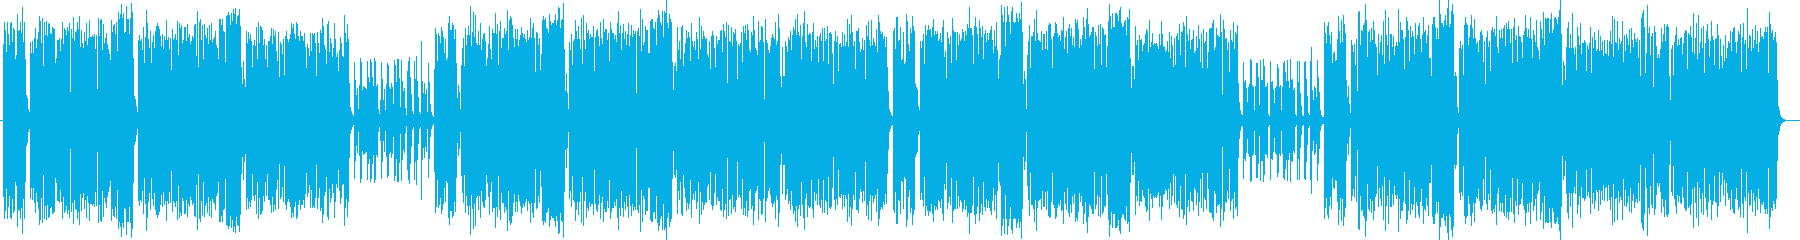 ファンタジーで楽しいシンセ管楽器サウンドの再生済みの波形